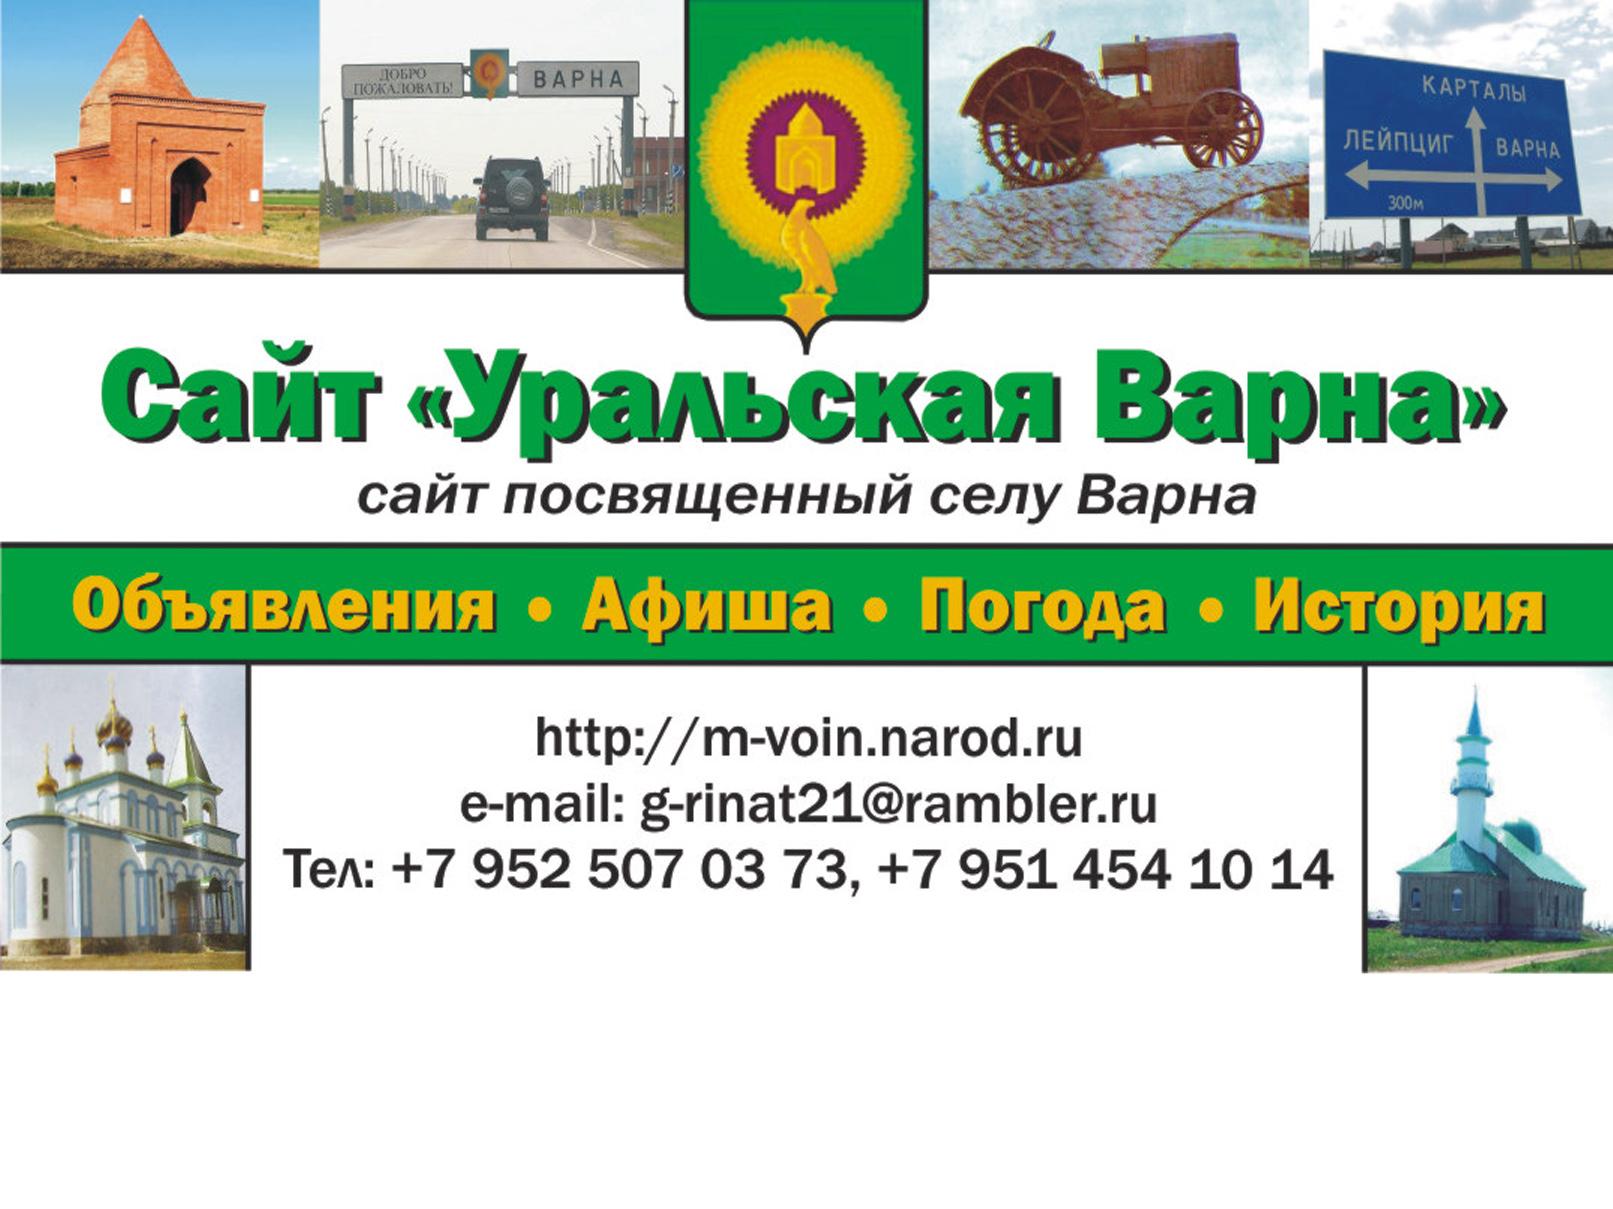 Подать объявление бесплатно в варне челябинской области продажа сельхозэнерго бизнеса в